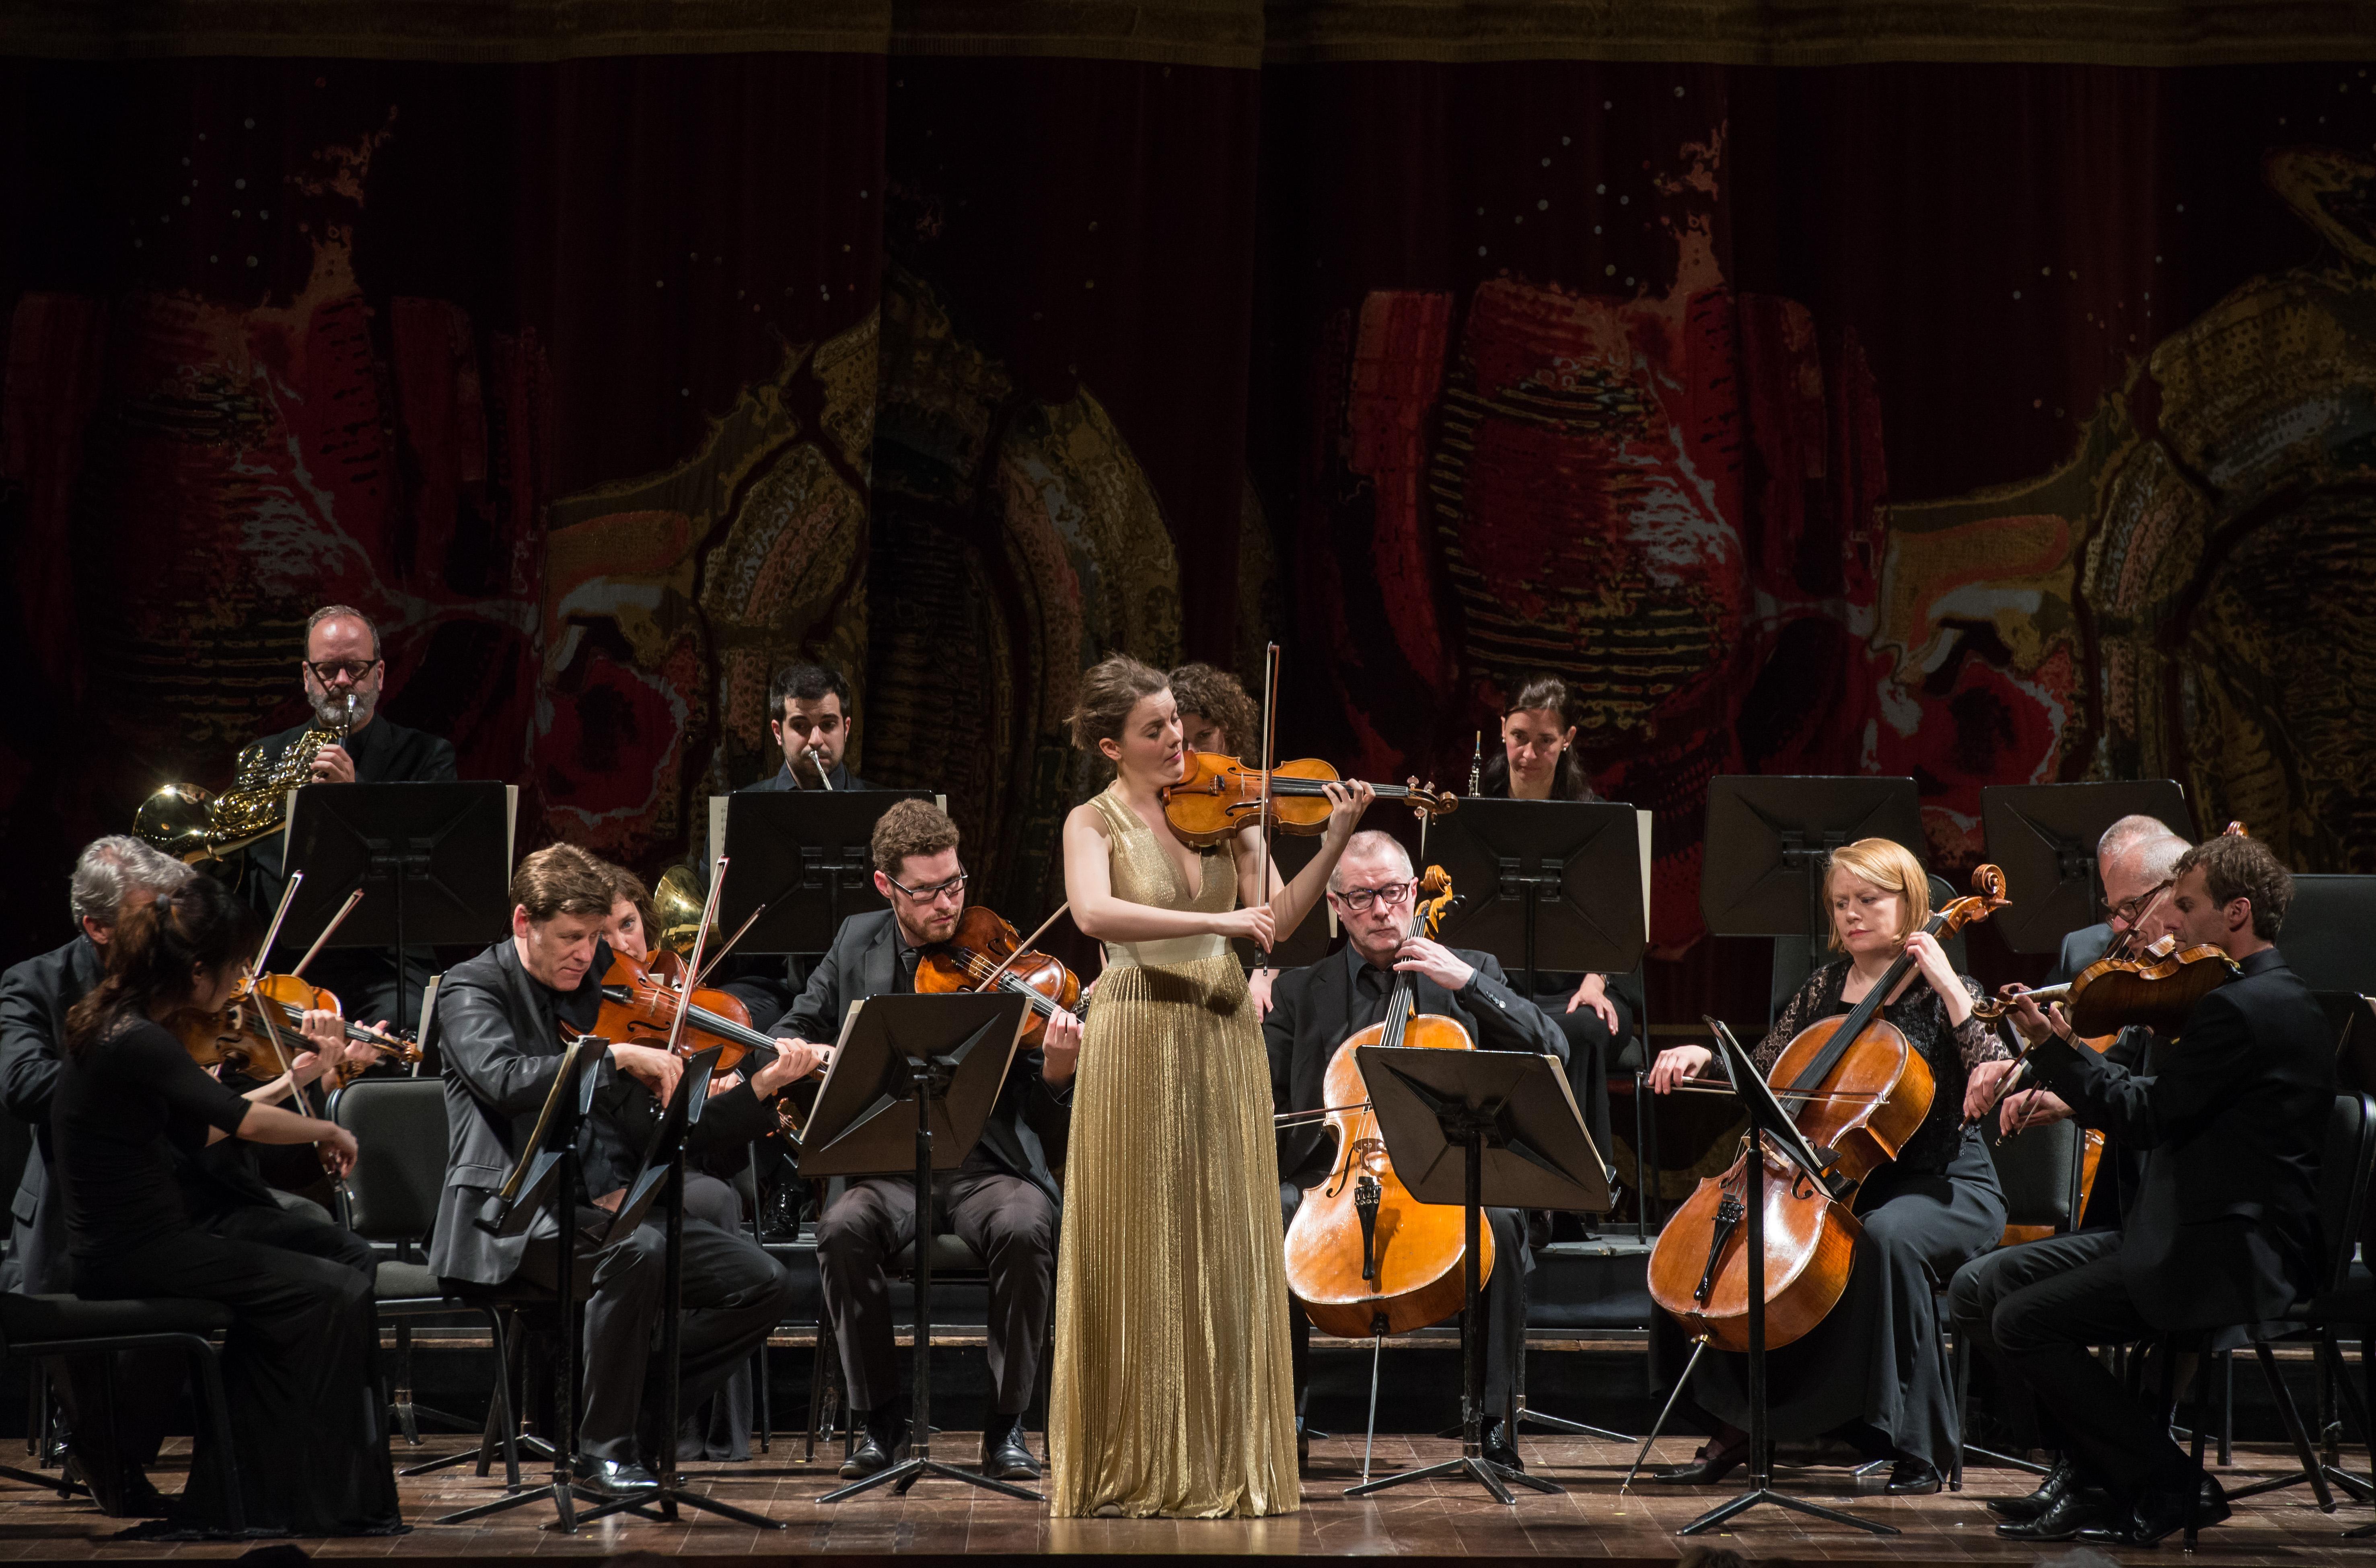 Orquesta de Cámara de Munich en el Teatro Colón